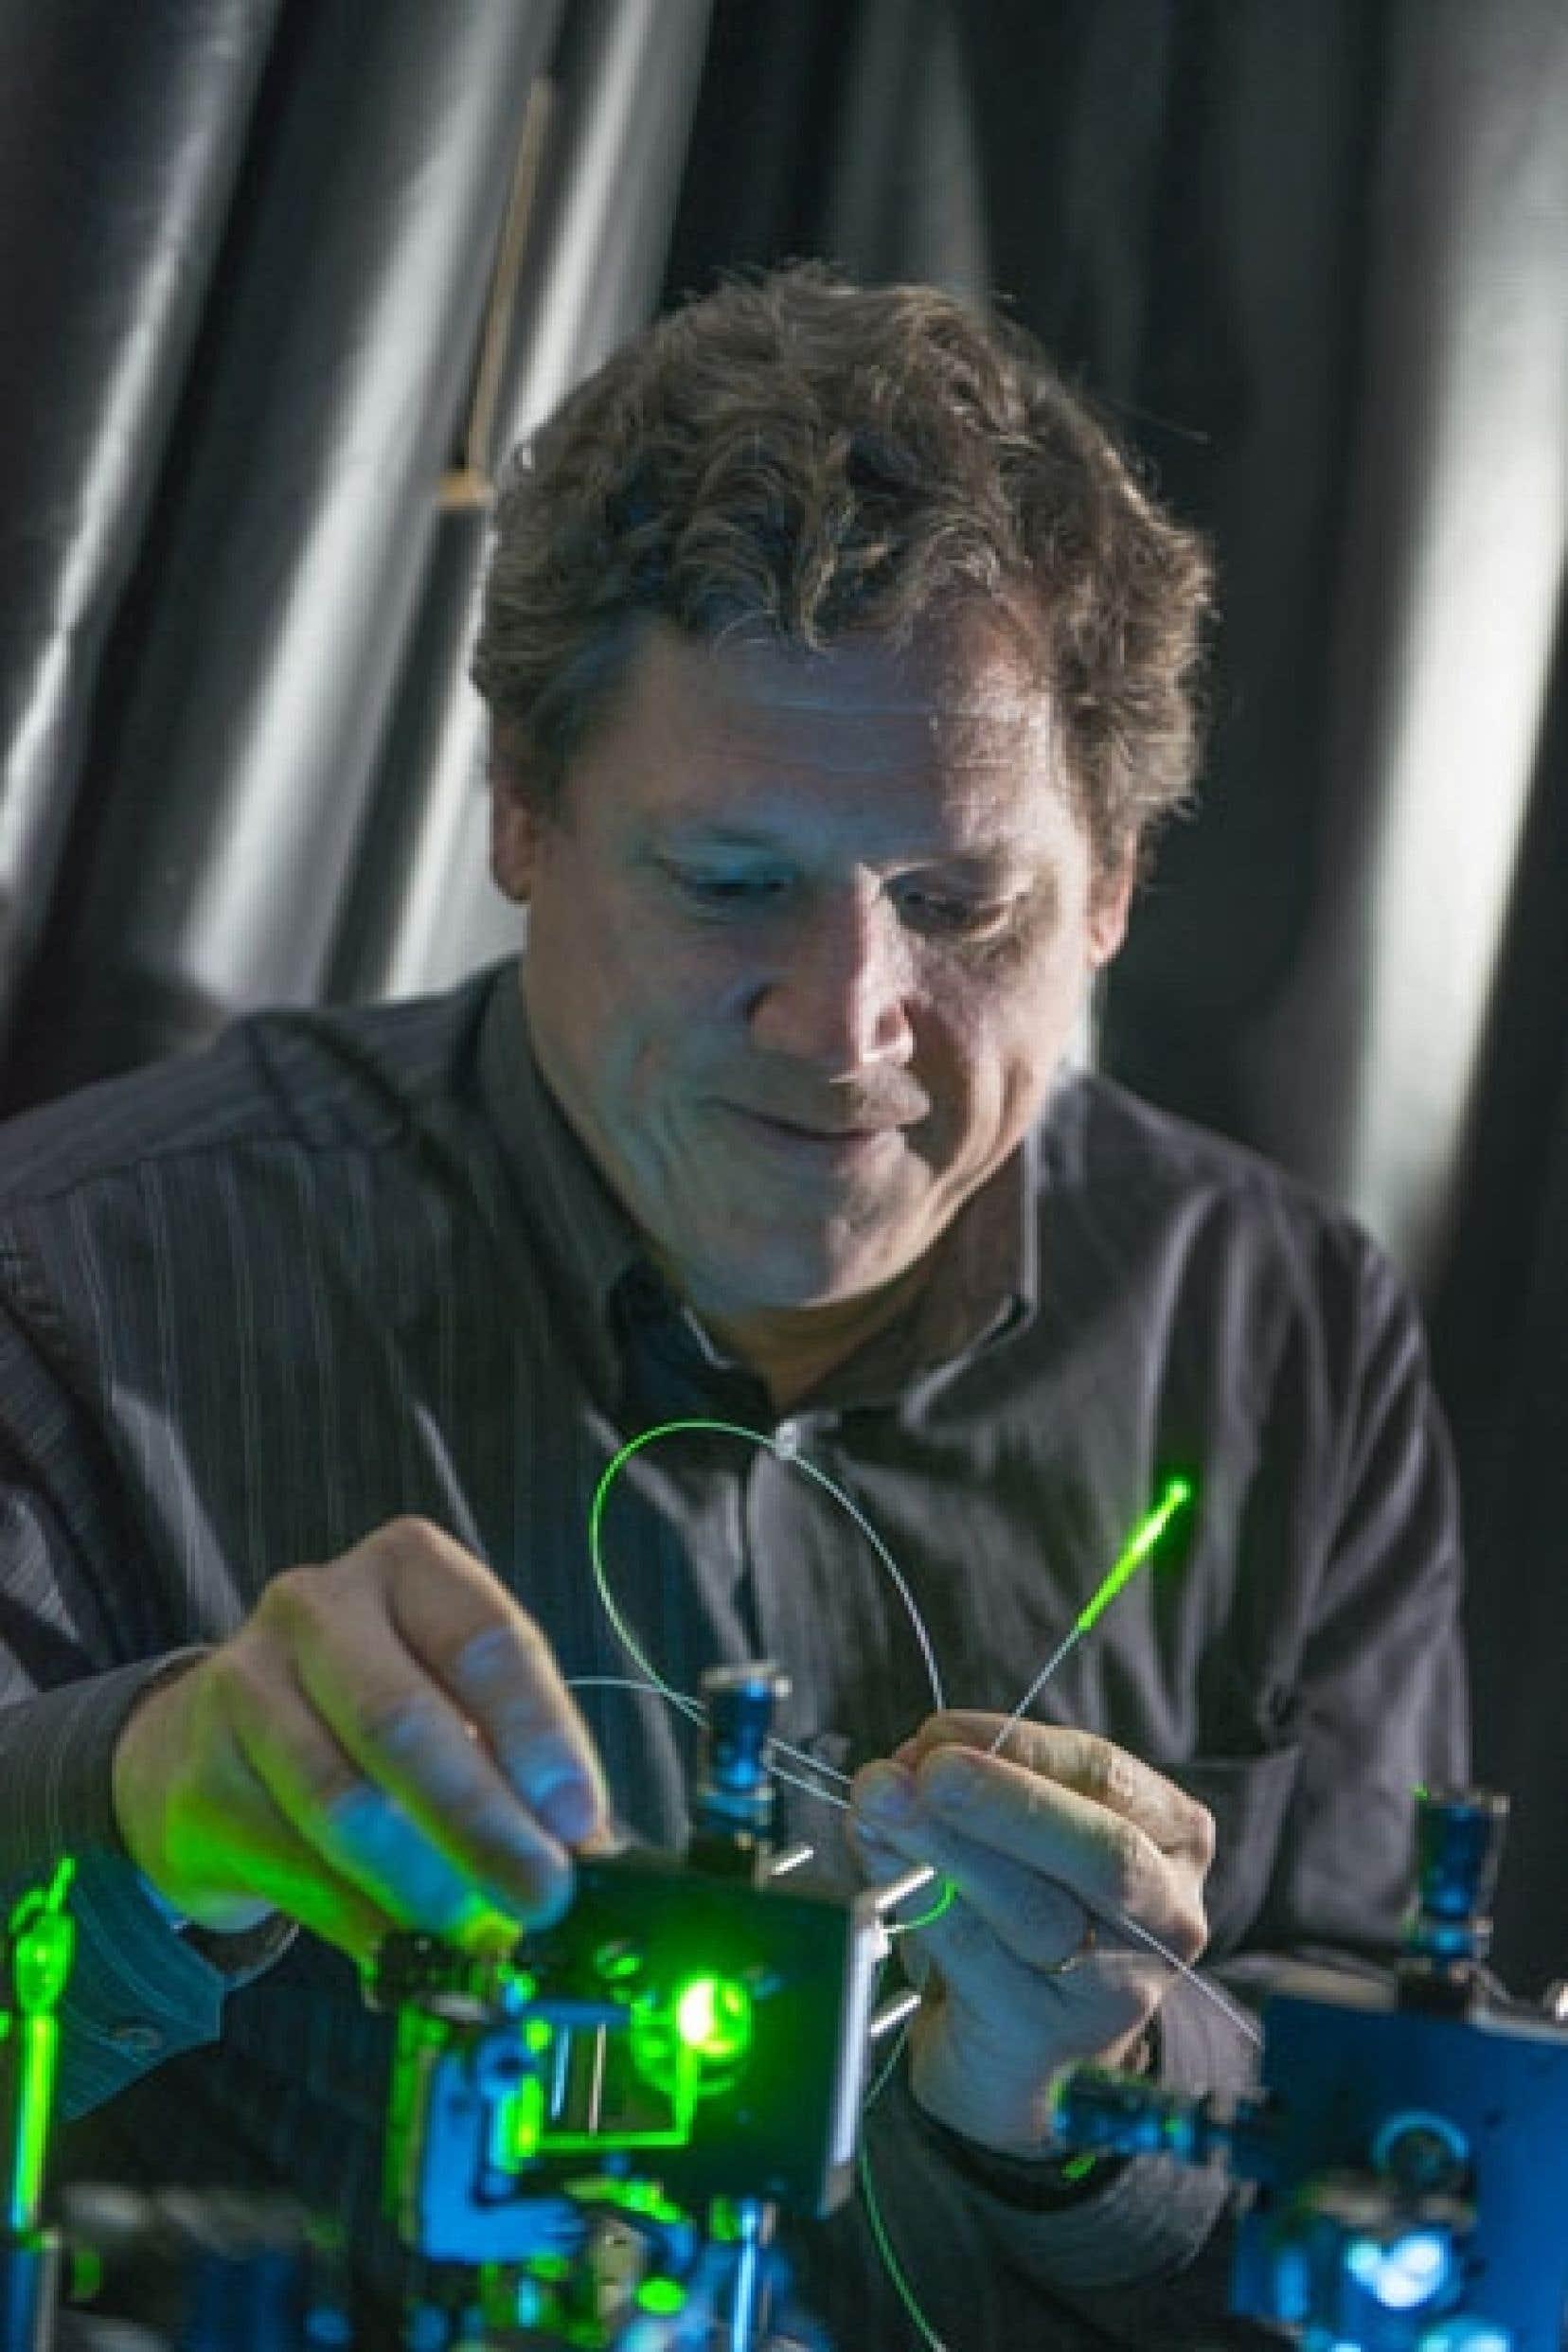 En tant que chercheur, l'objectif d'Yves de Koninck est d'essayer de comprendre comment l'information qui provient de notre corps est interprétée au niveau de la moelle épinière et du cerveau, pour ensuite être traduite sous forme de signal.